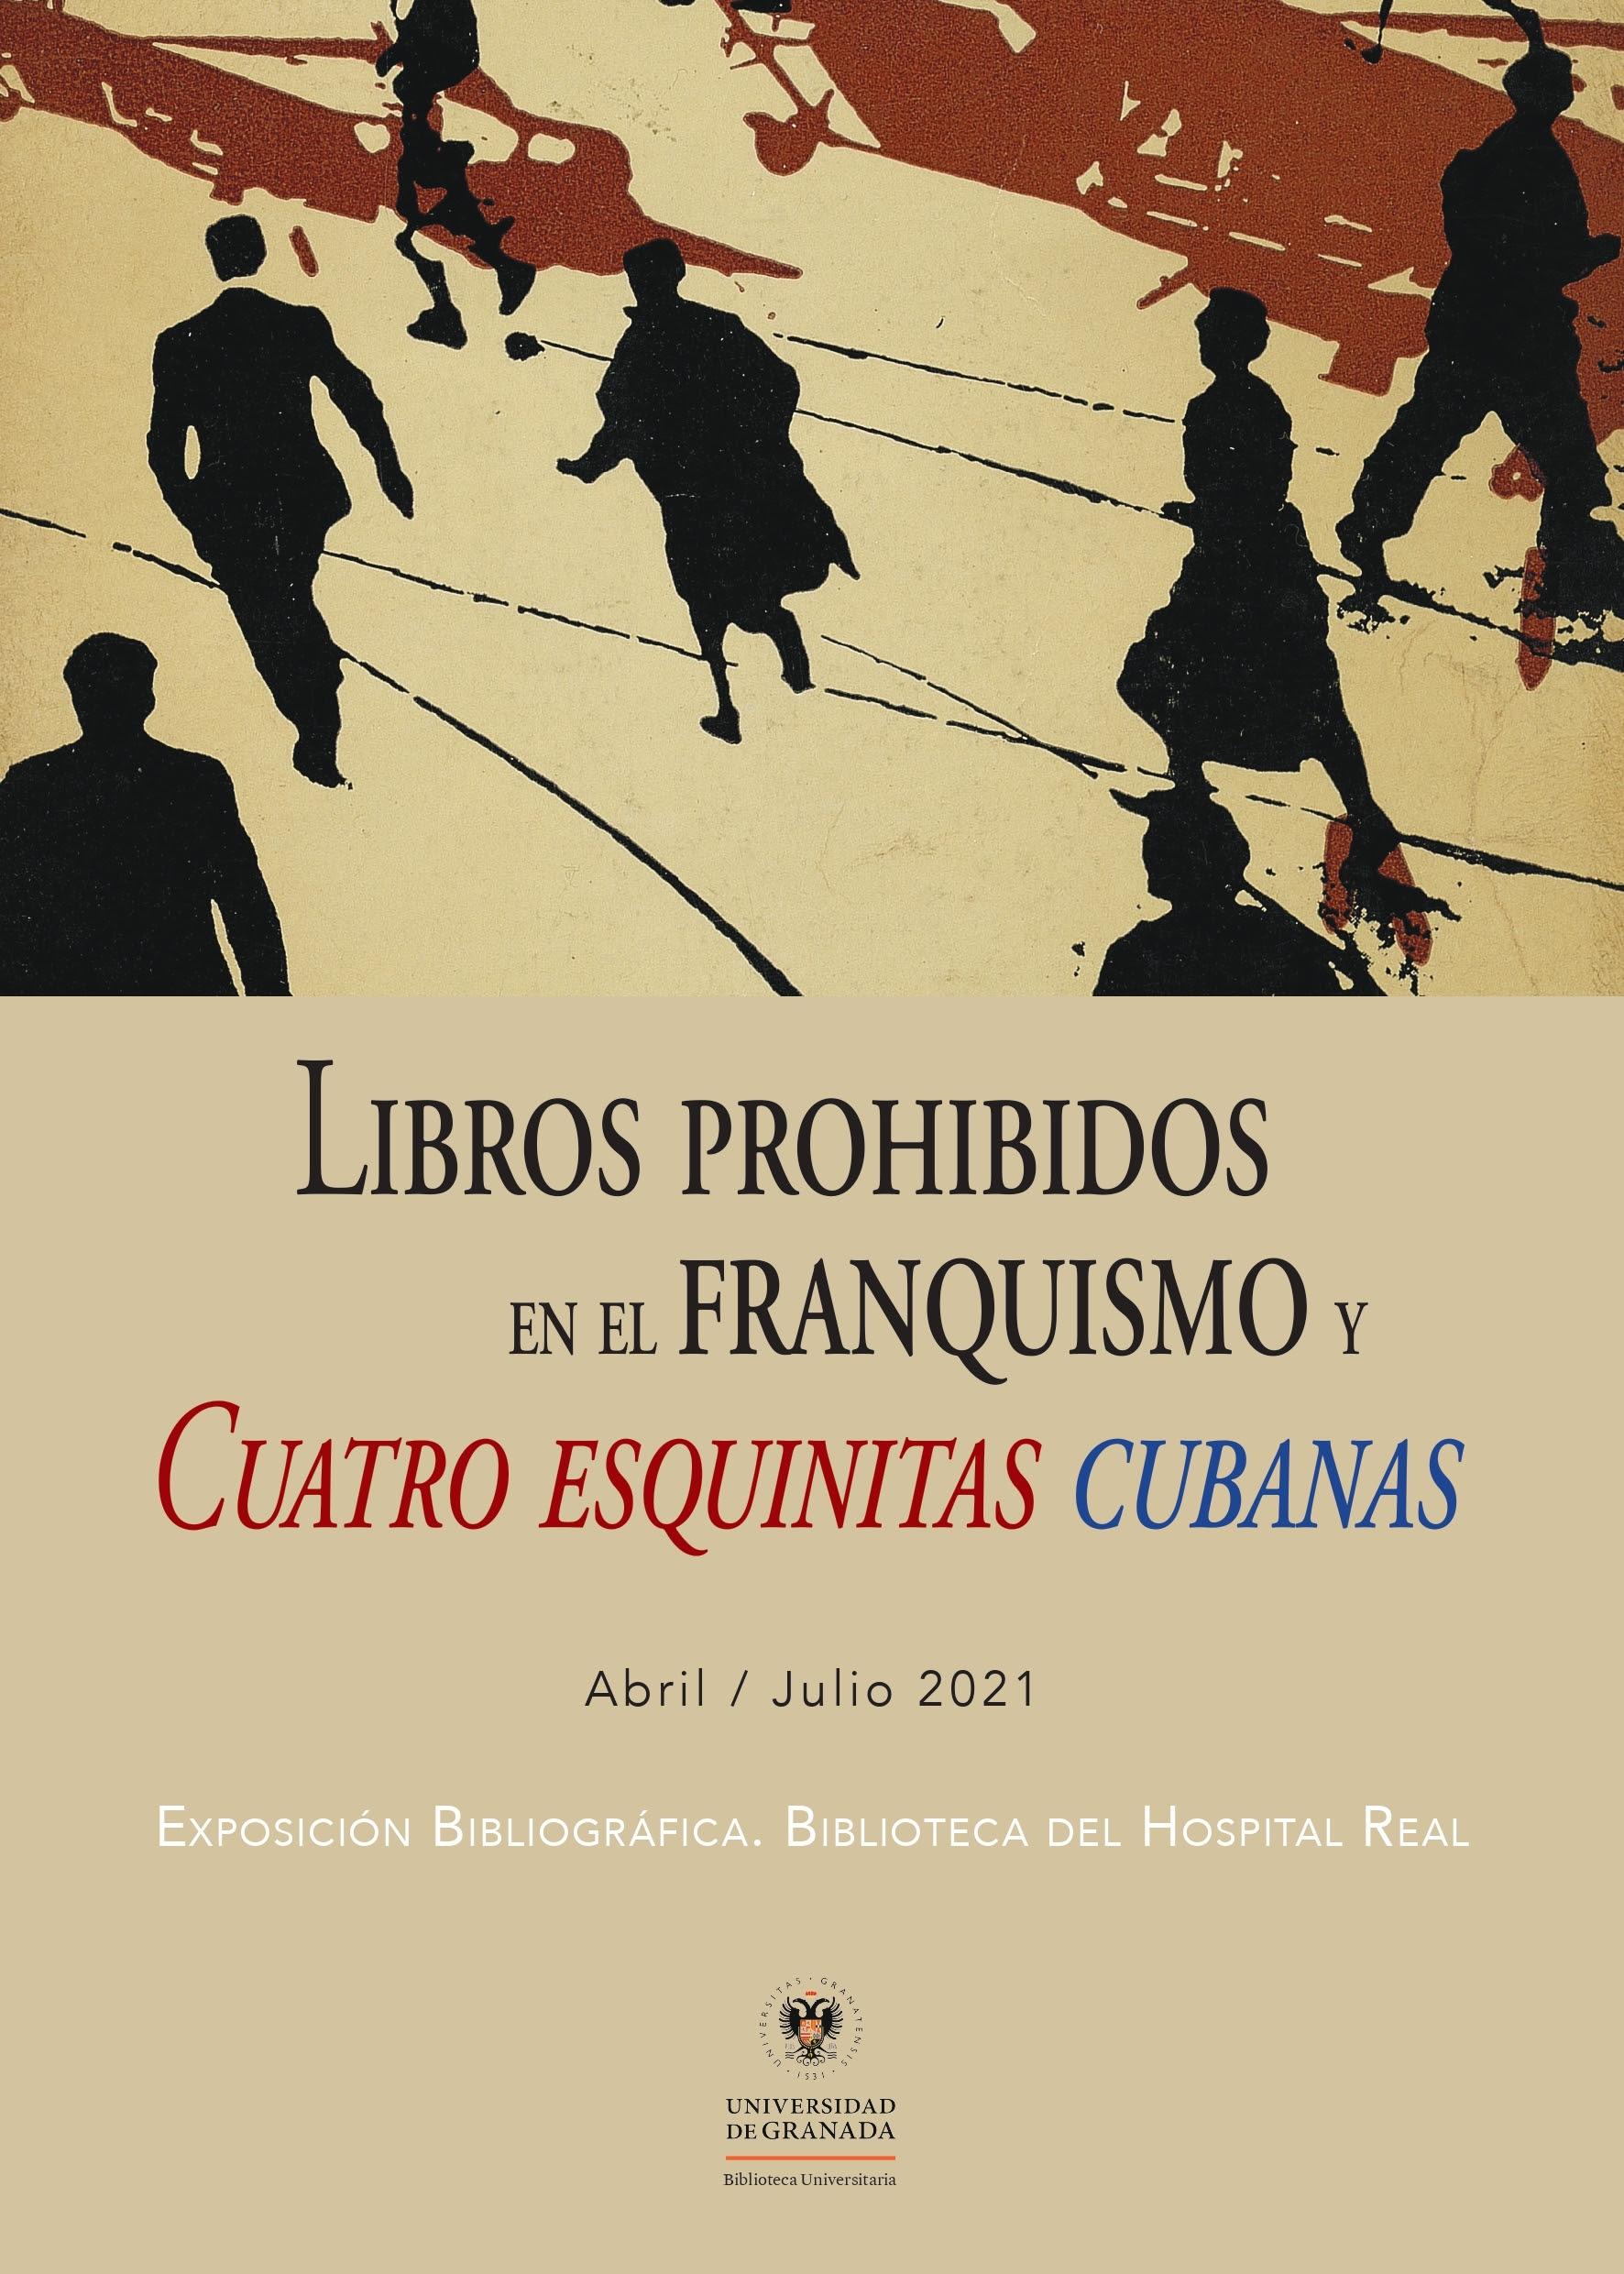 """Exposición bibliográfica """"Libros prohibidos en el franquismo y Cuatro esquinitas cubanas"""", en la Biblioteca del Hospital Real"""